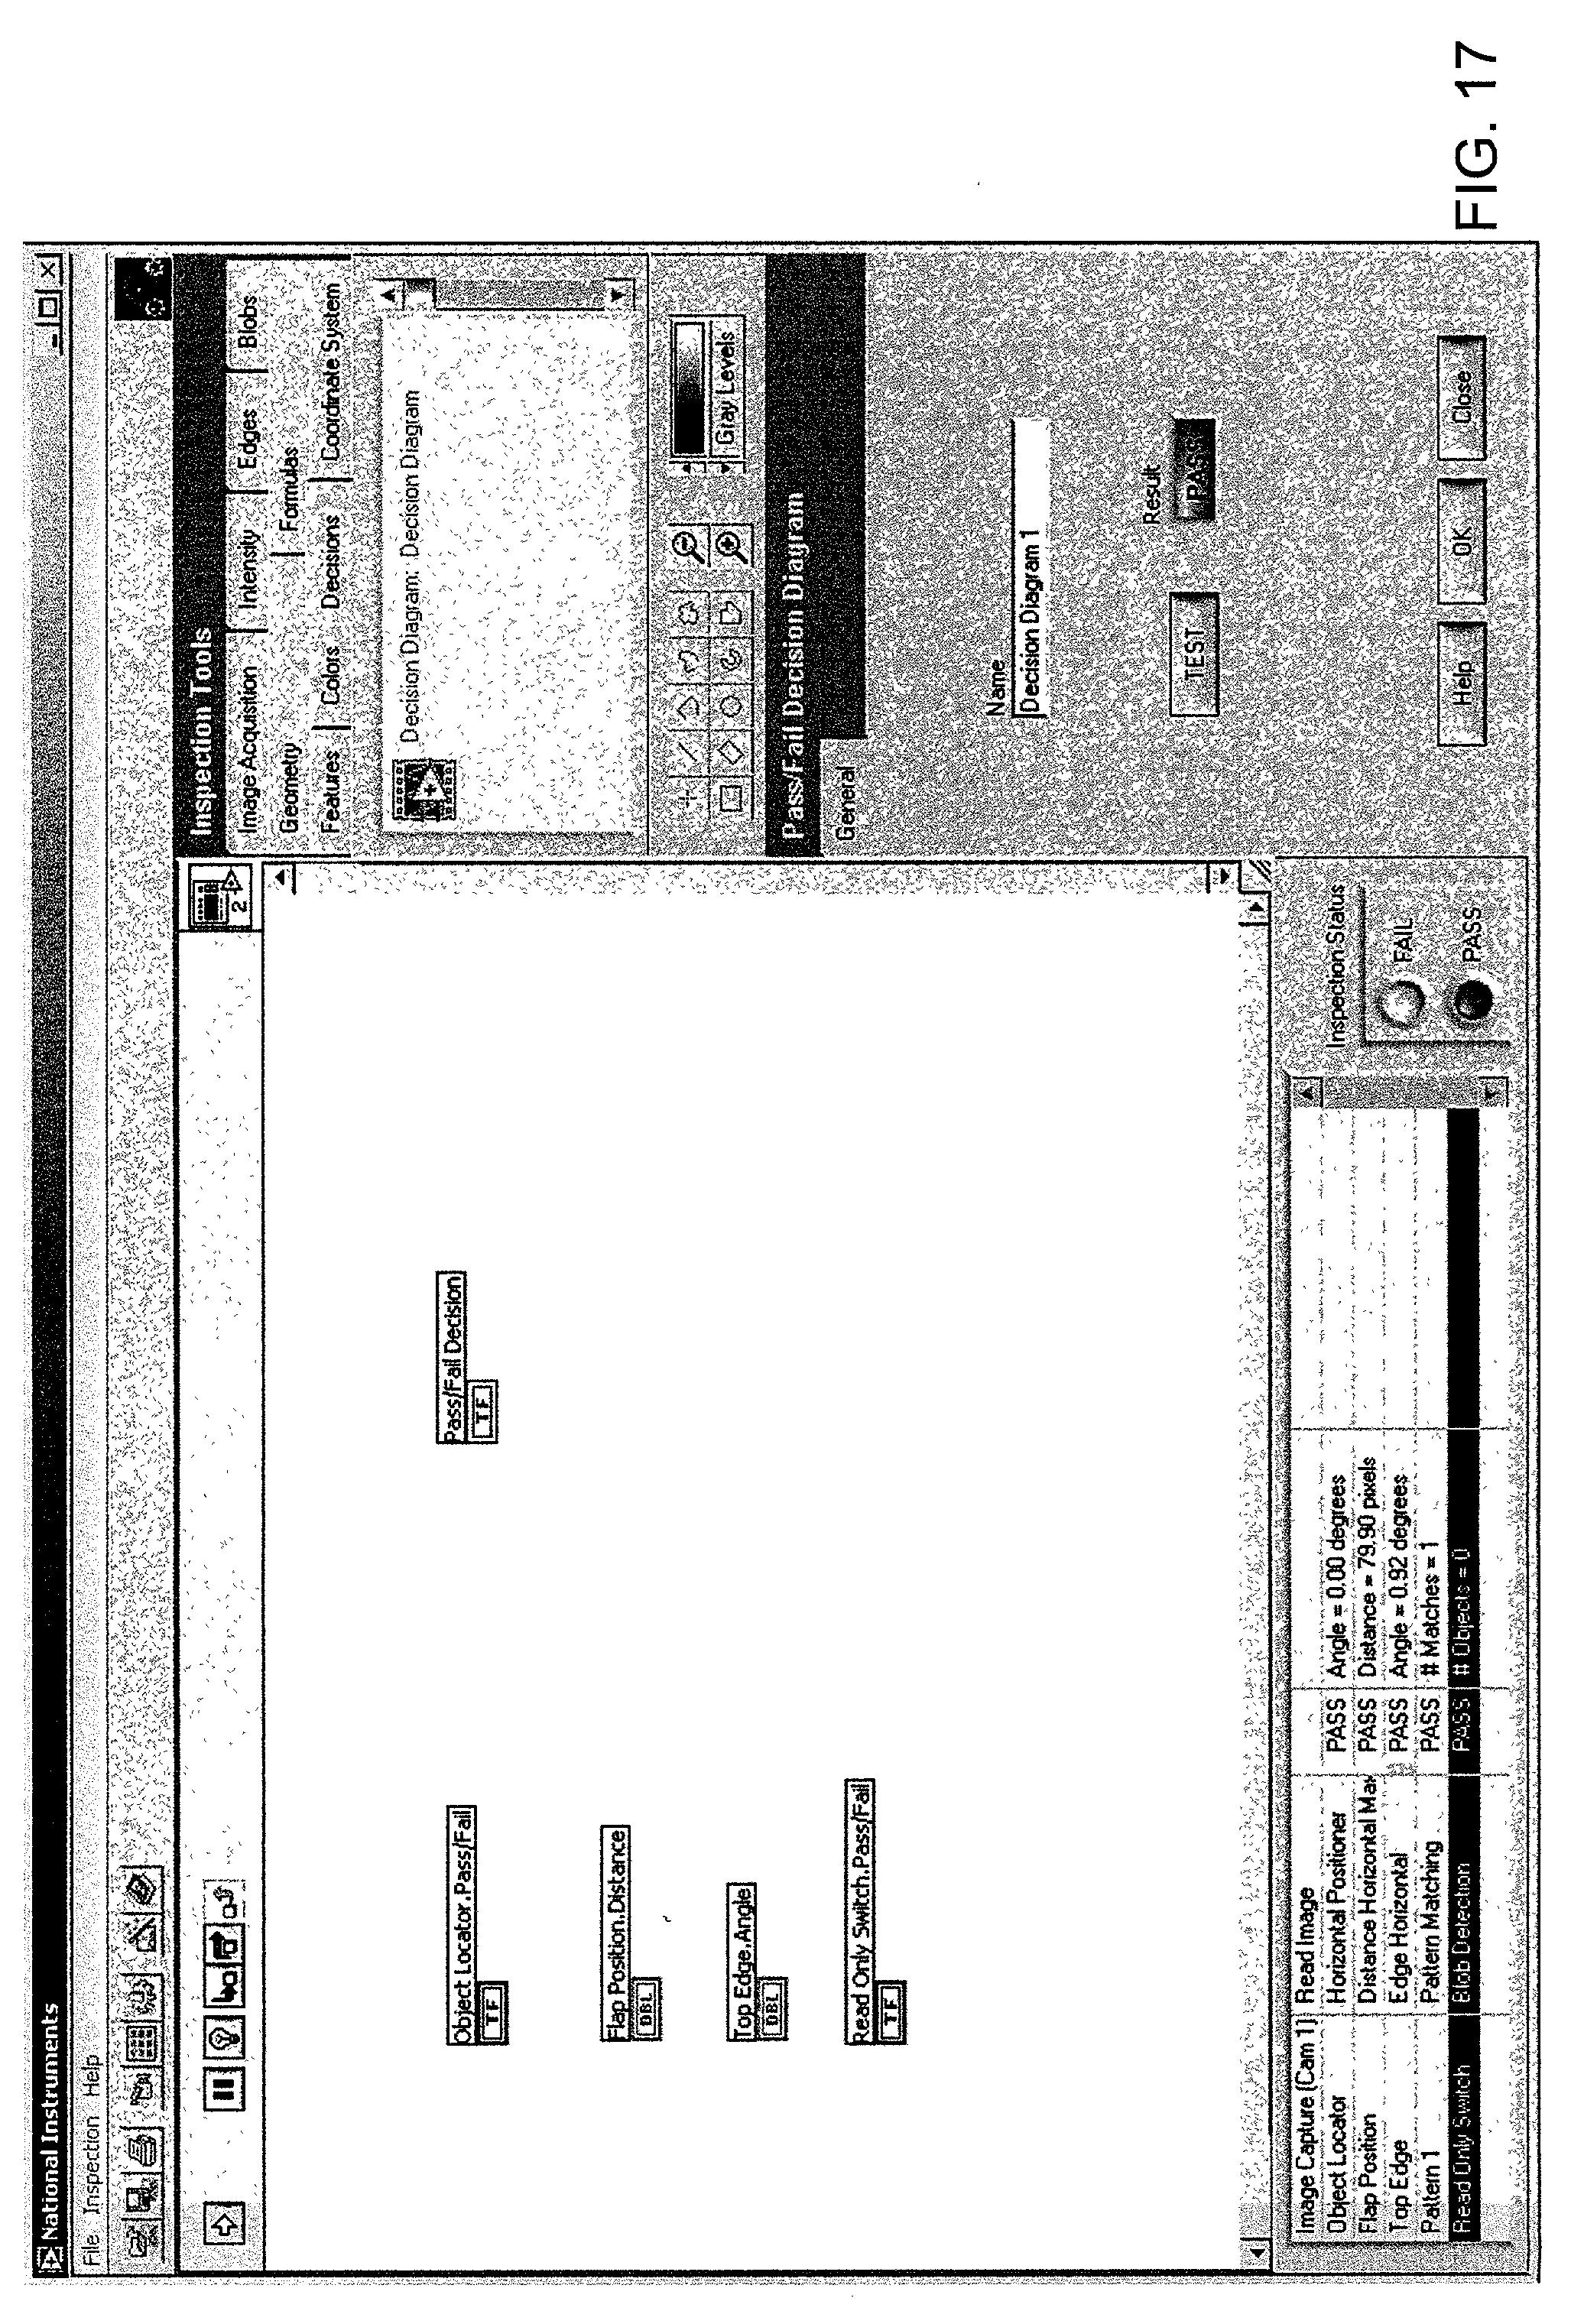 patent us20030043175